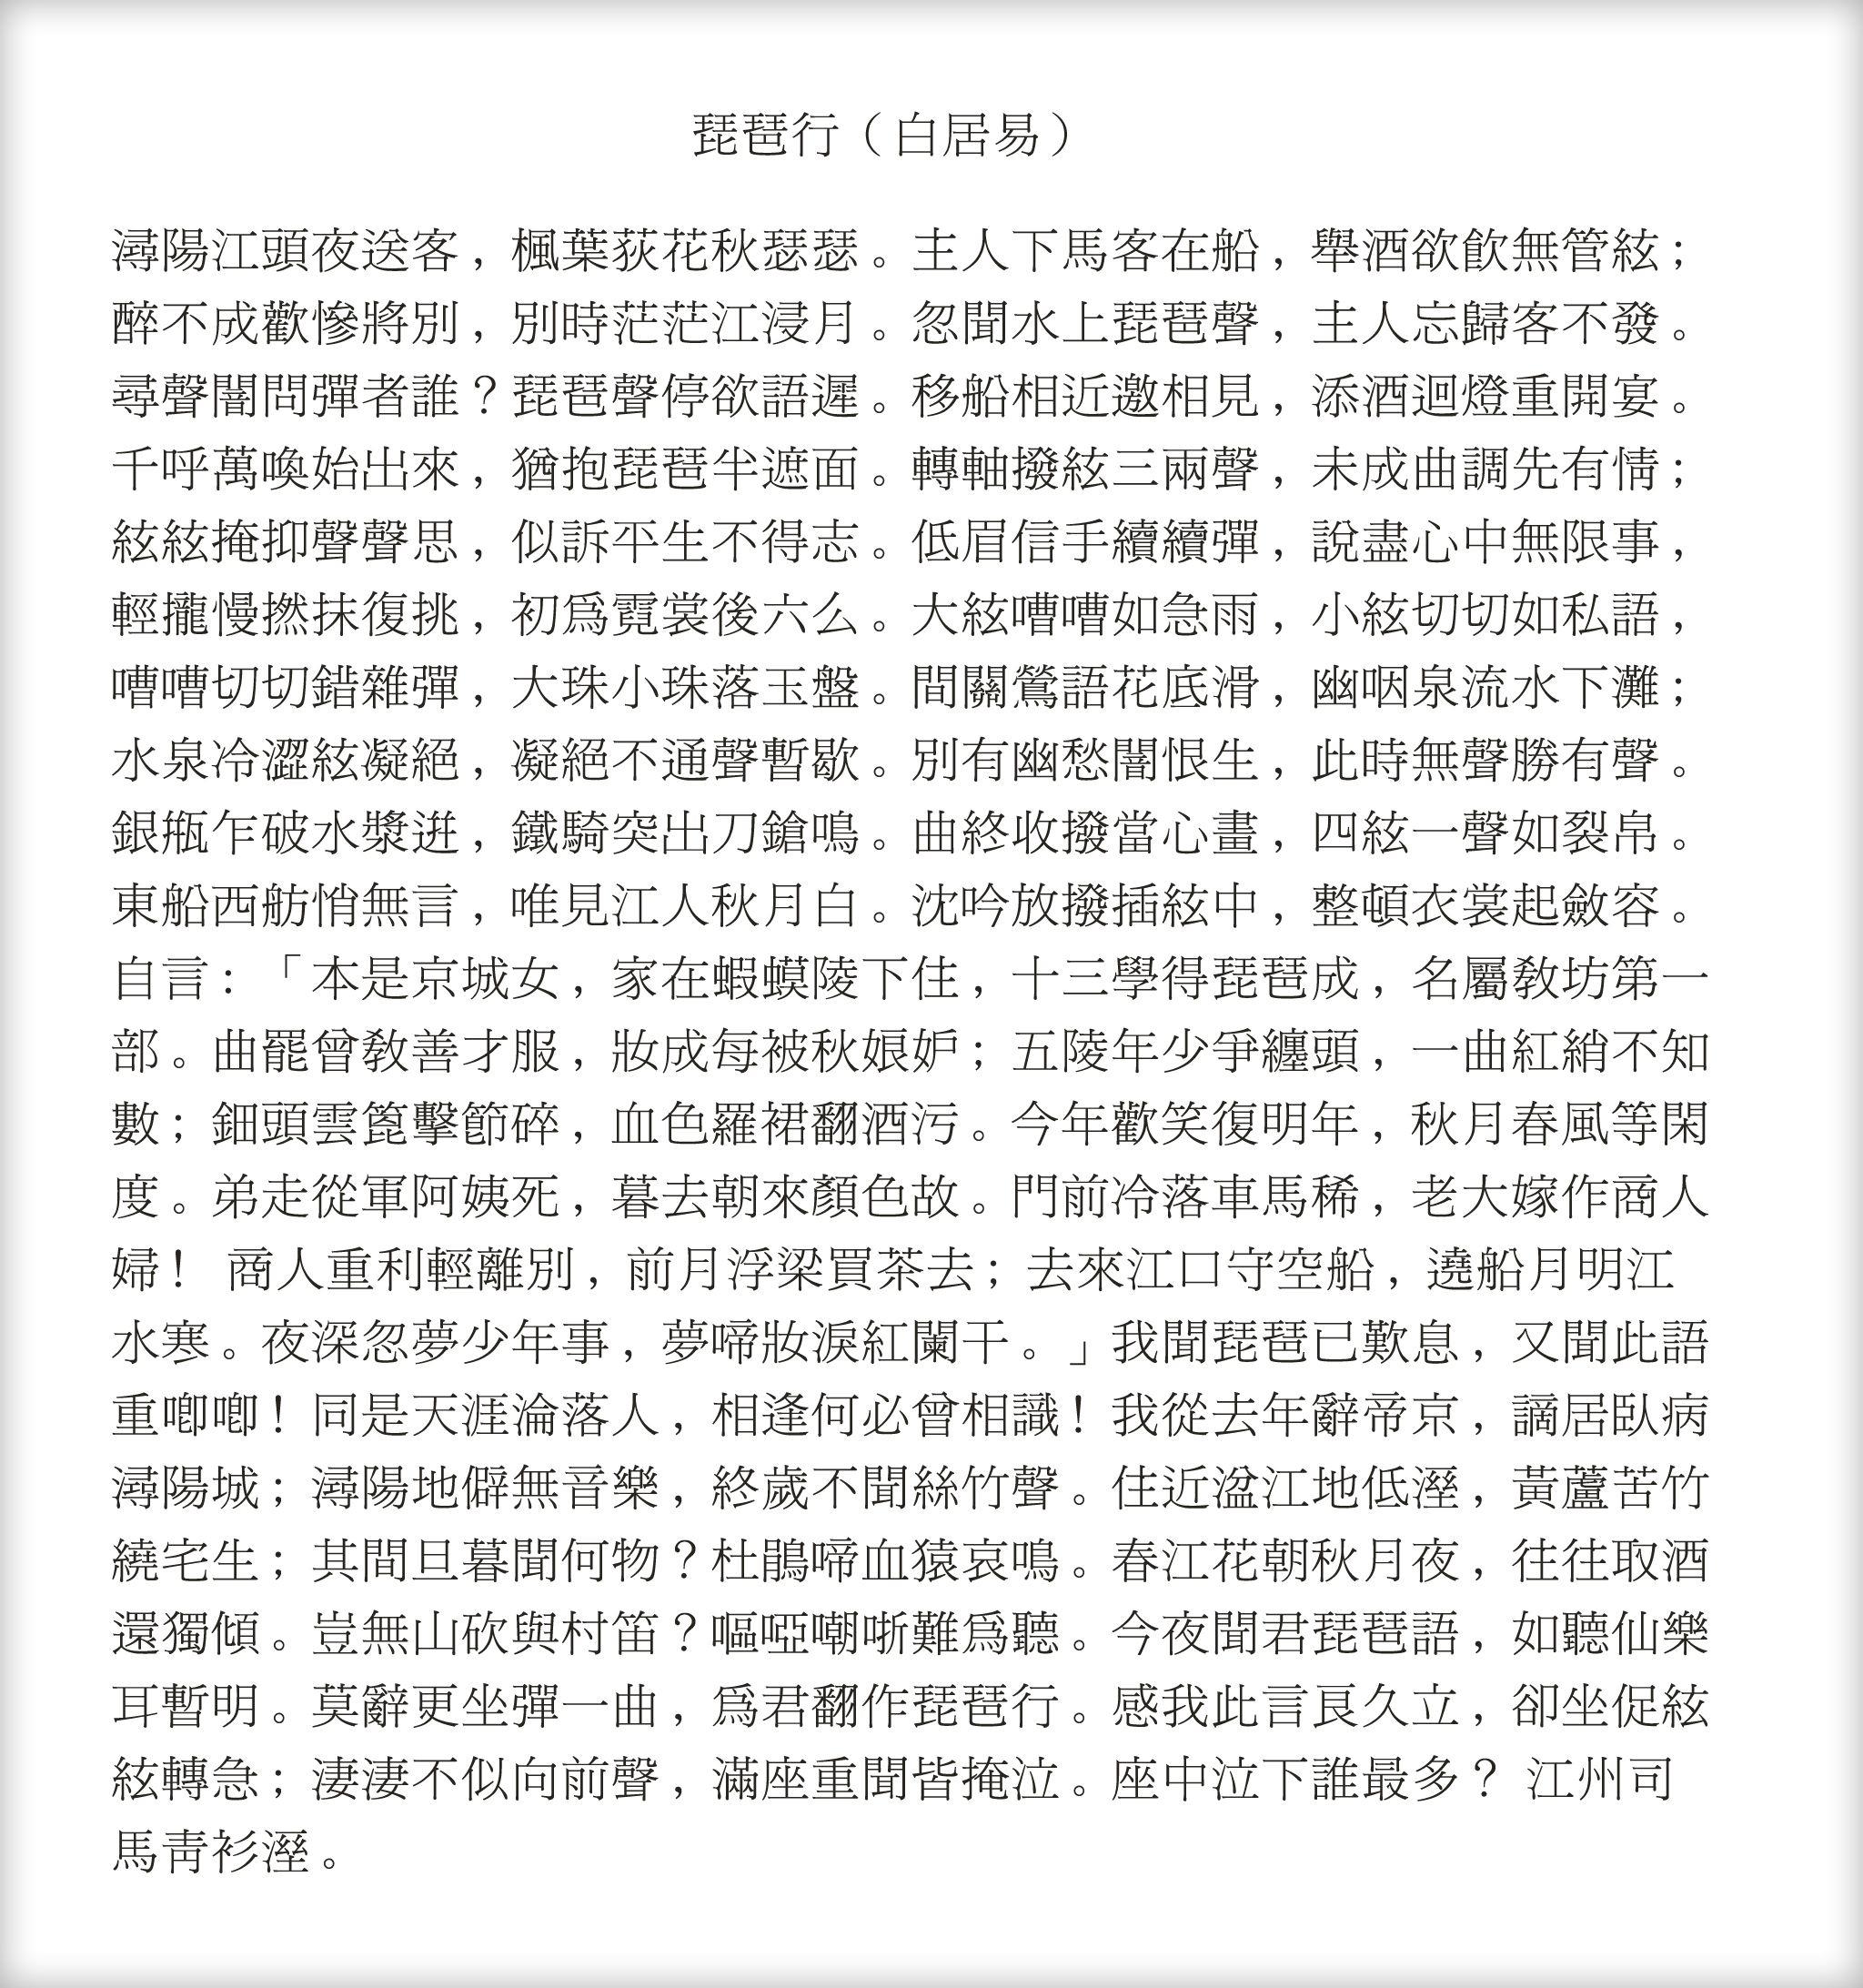 《琵琶行》繁体原文如下,点击图片看大图显示: 评论   2014-05-12 21